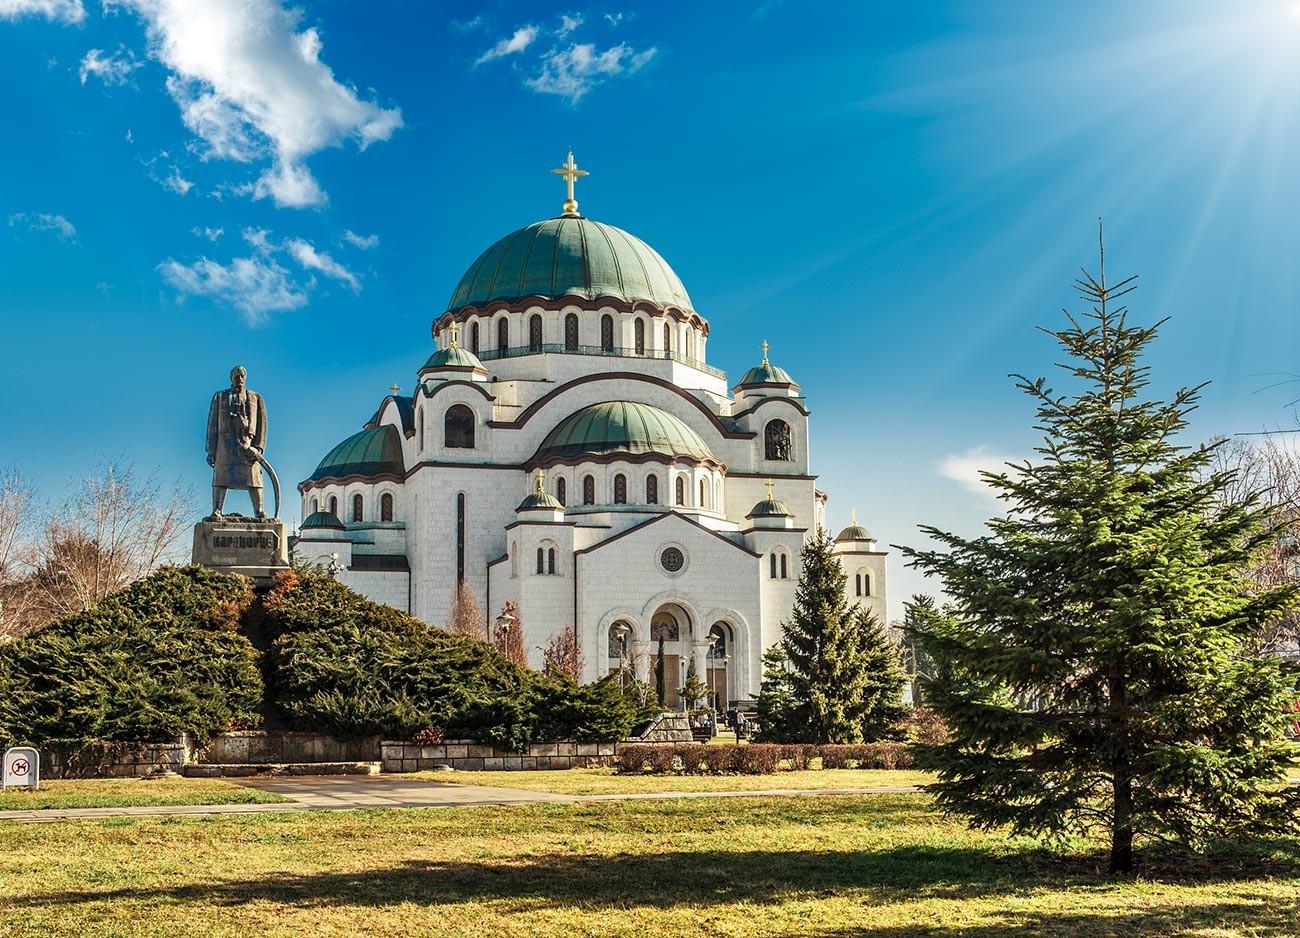 Beograd, ibu kota Serbia